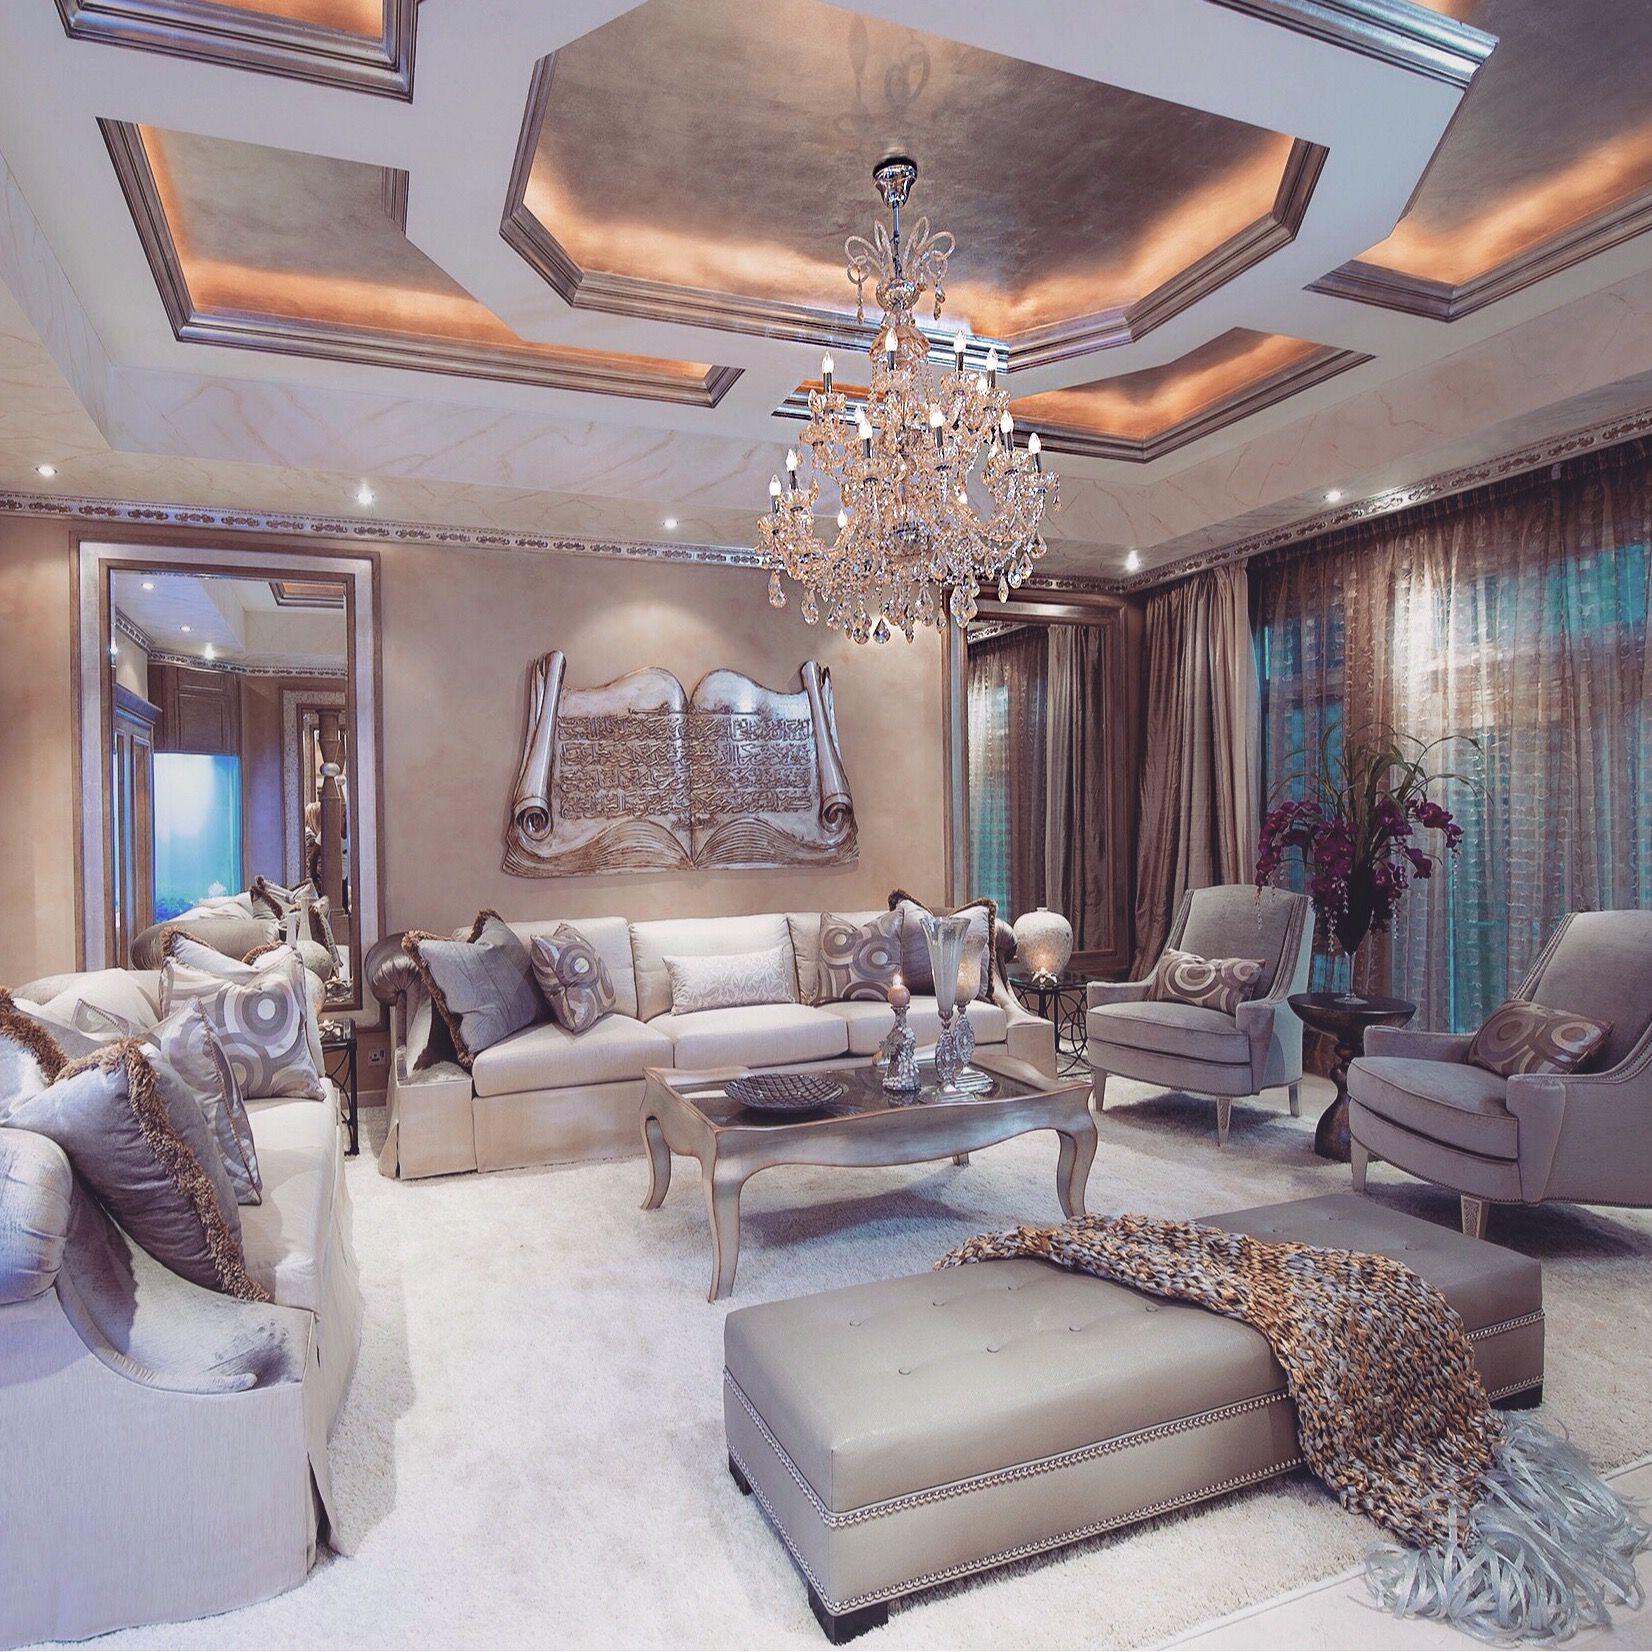 Pinterest Living Room Decor: Home, Home Decor